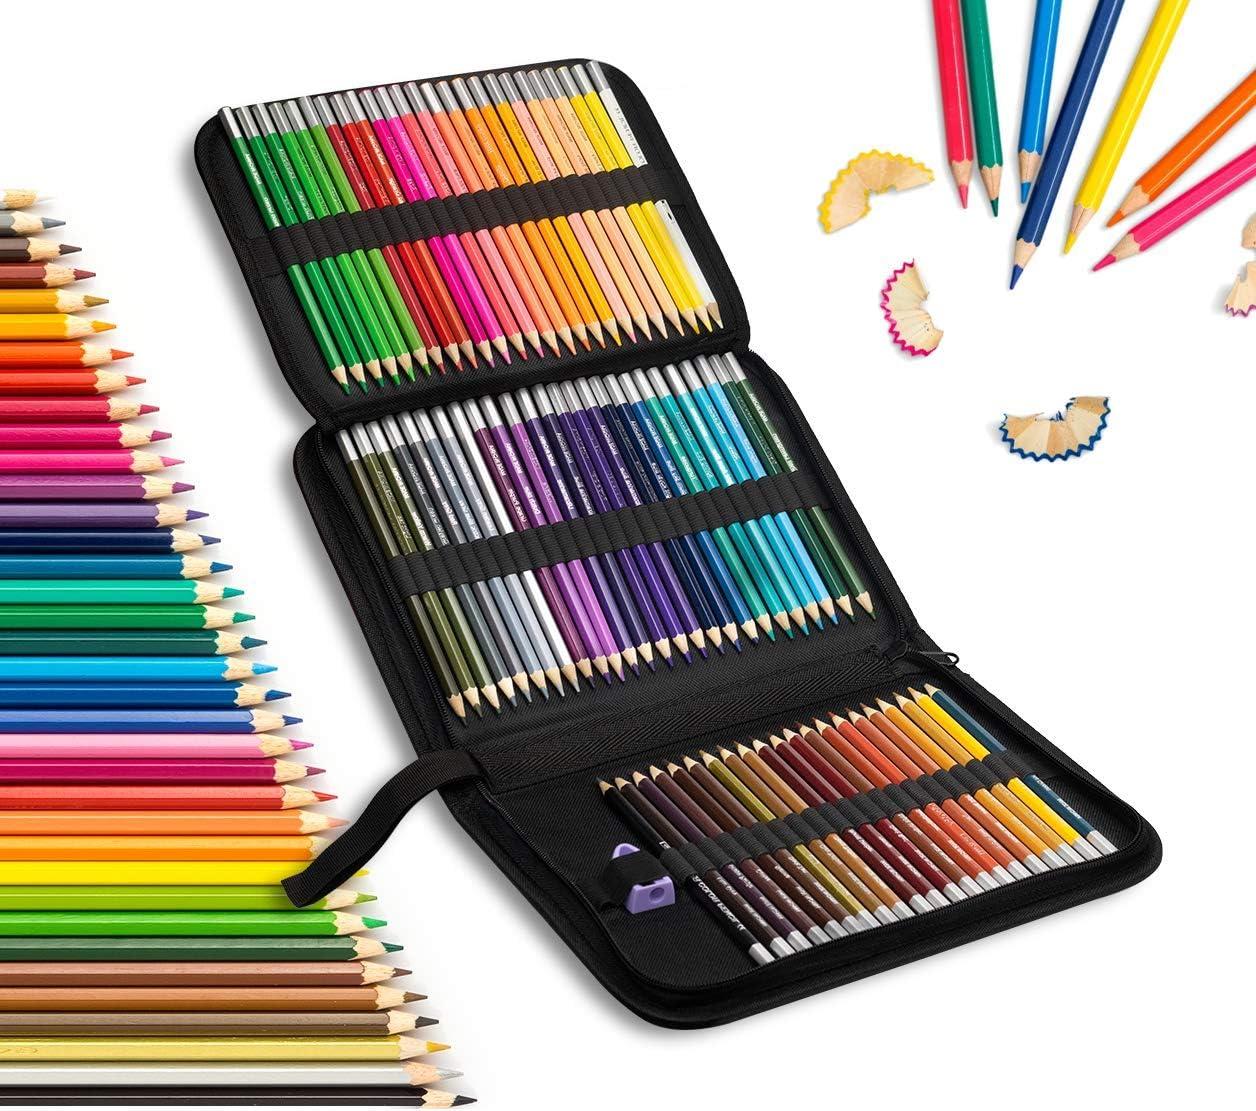 Erwachsene Malb/ücher Farbmischung Malen und Skizzen Aquarellstifte Set Queta Wasservermalbar Aquarell Zeichnen Bleistifte Ideales Set f/ür K/ünstler Kinder 72 Buntstifte Set